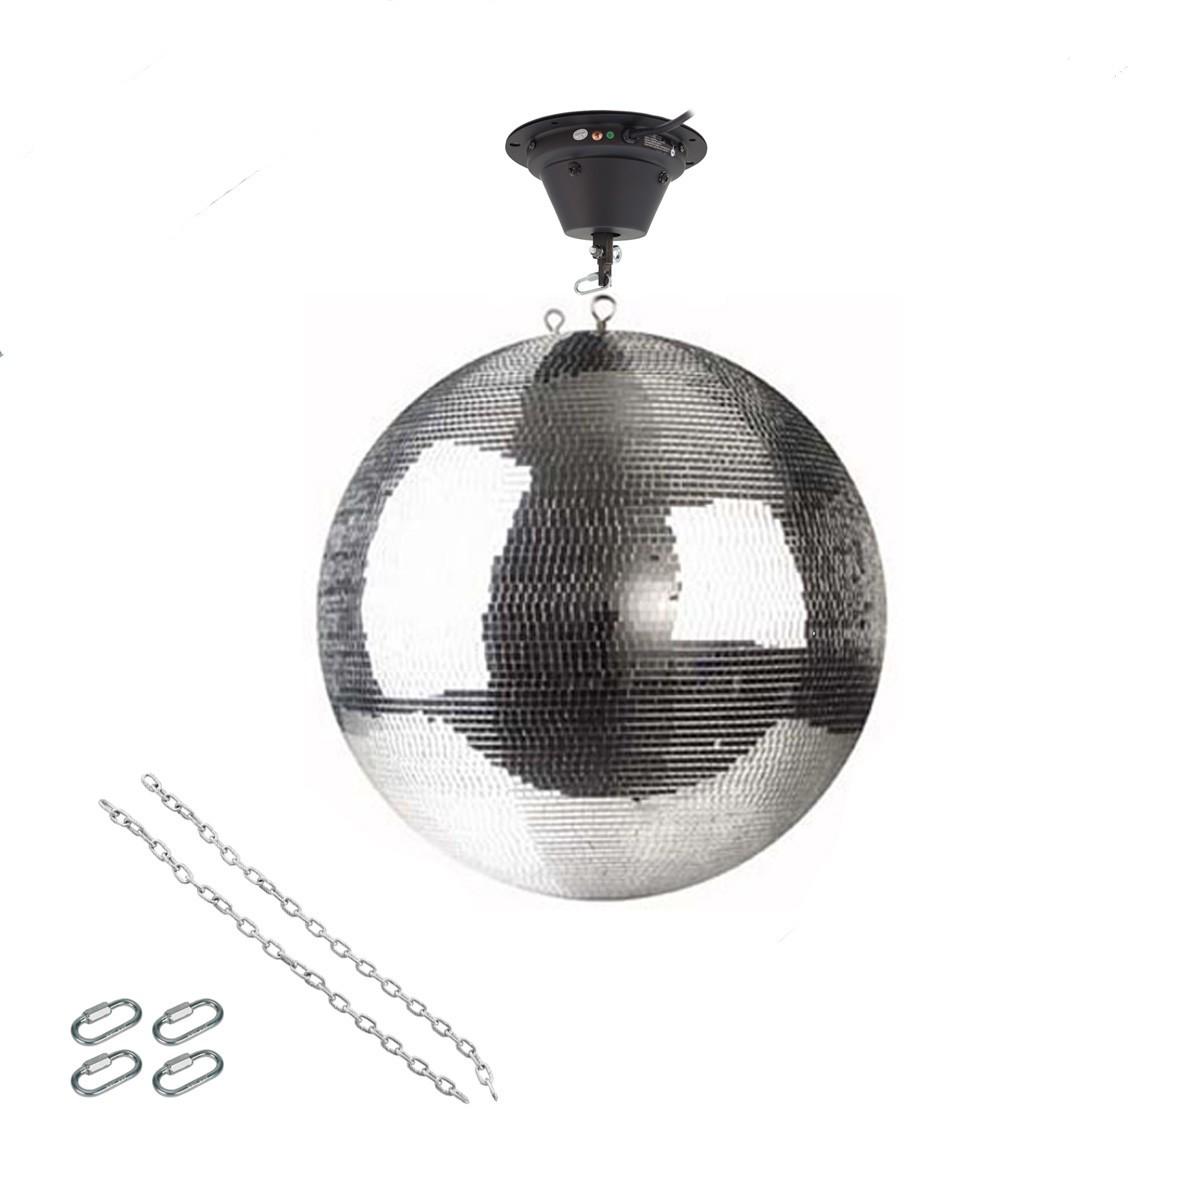 Spiegelkugel Set 50cm Kugel PROFI + Motor MBM-5010, 2 Ketten, 4 Kettenglieder